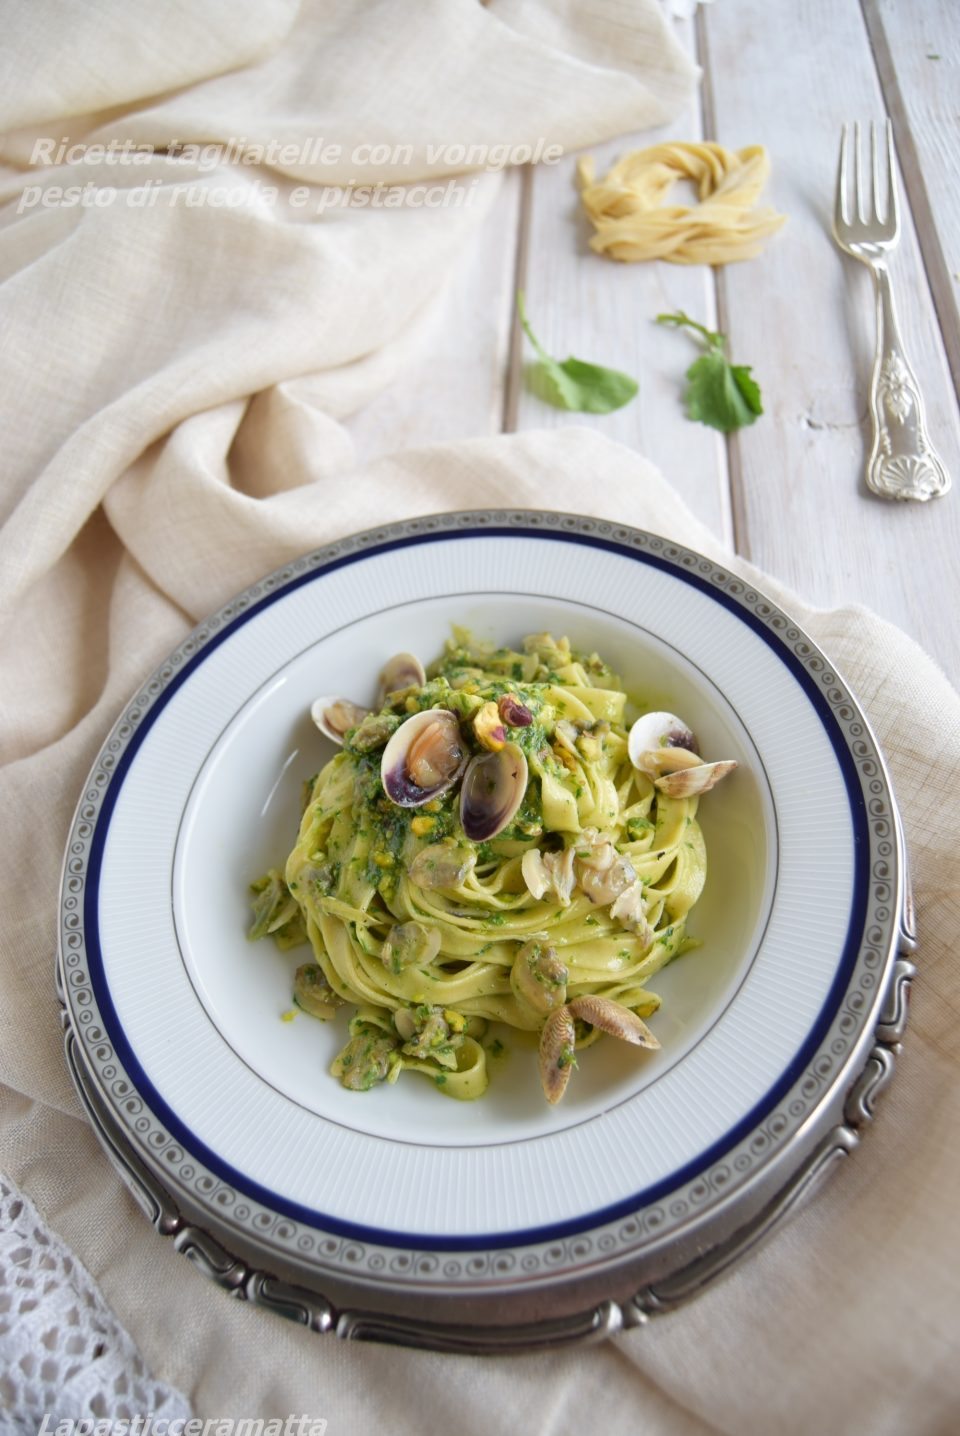 Ricetta tagliatelle con vongole pesto di rucola e pistacchi